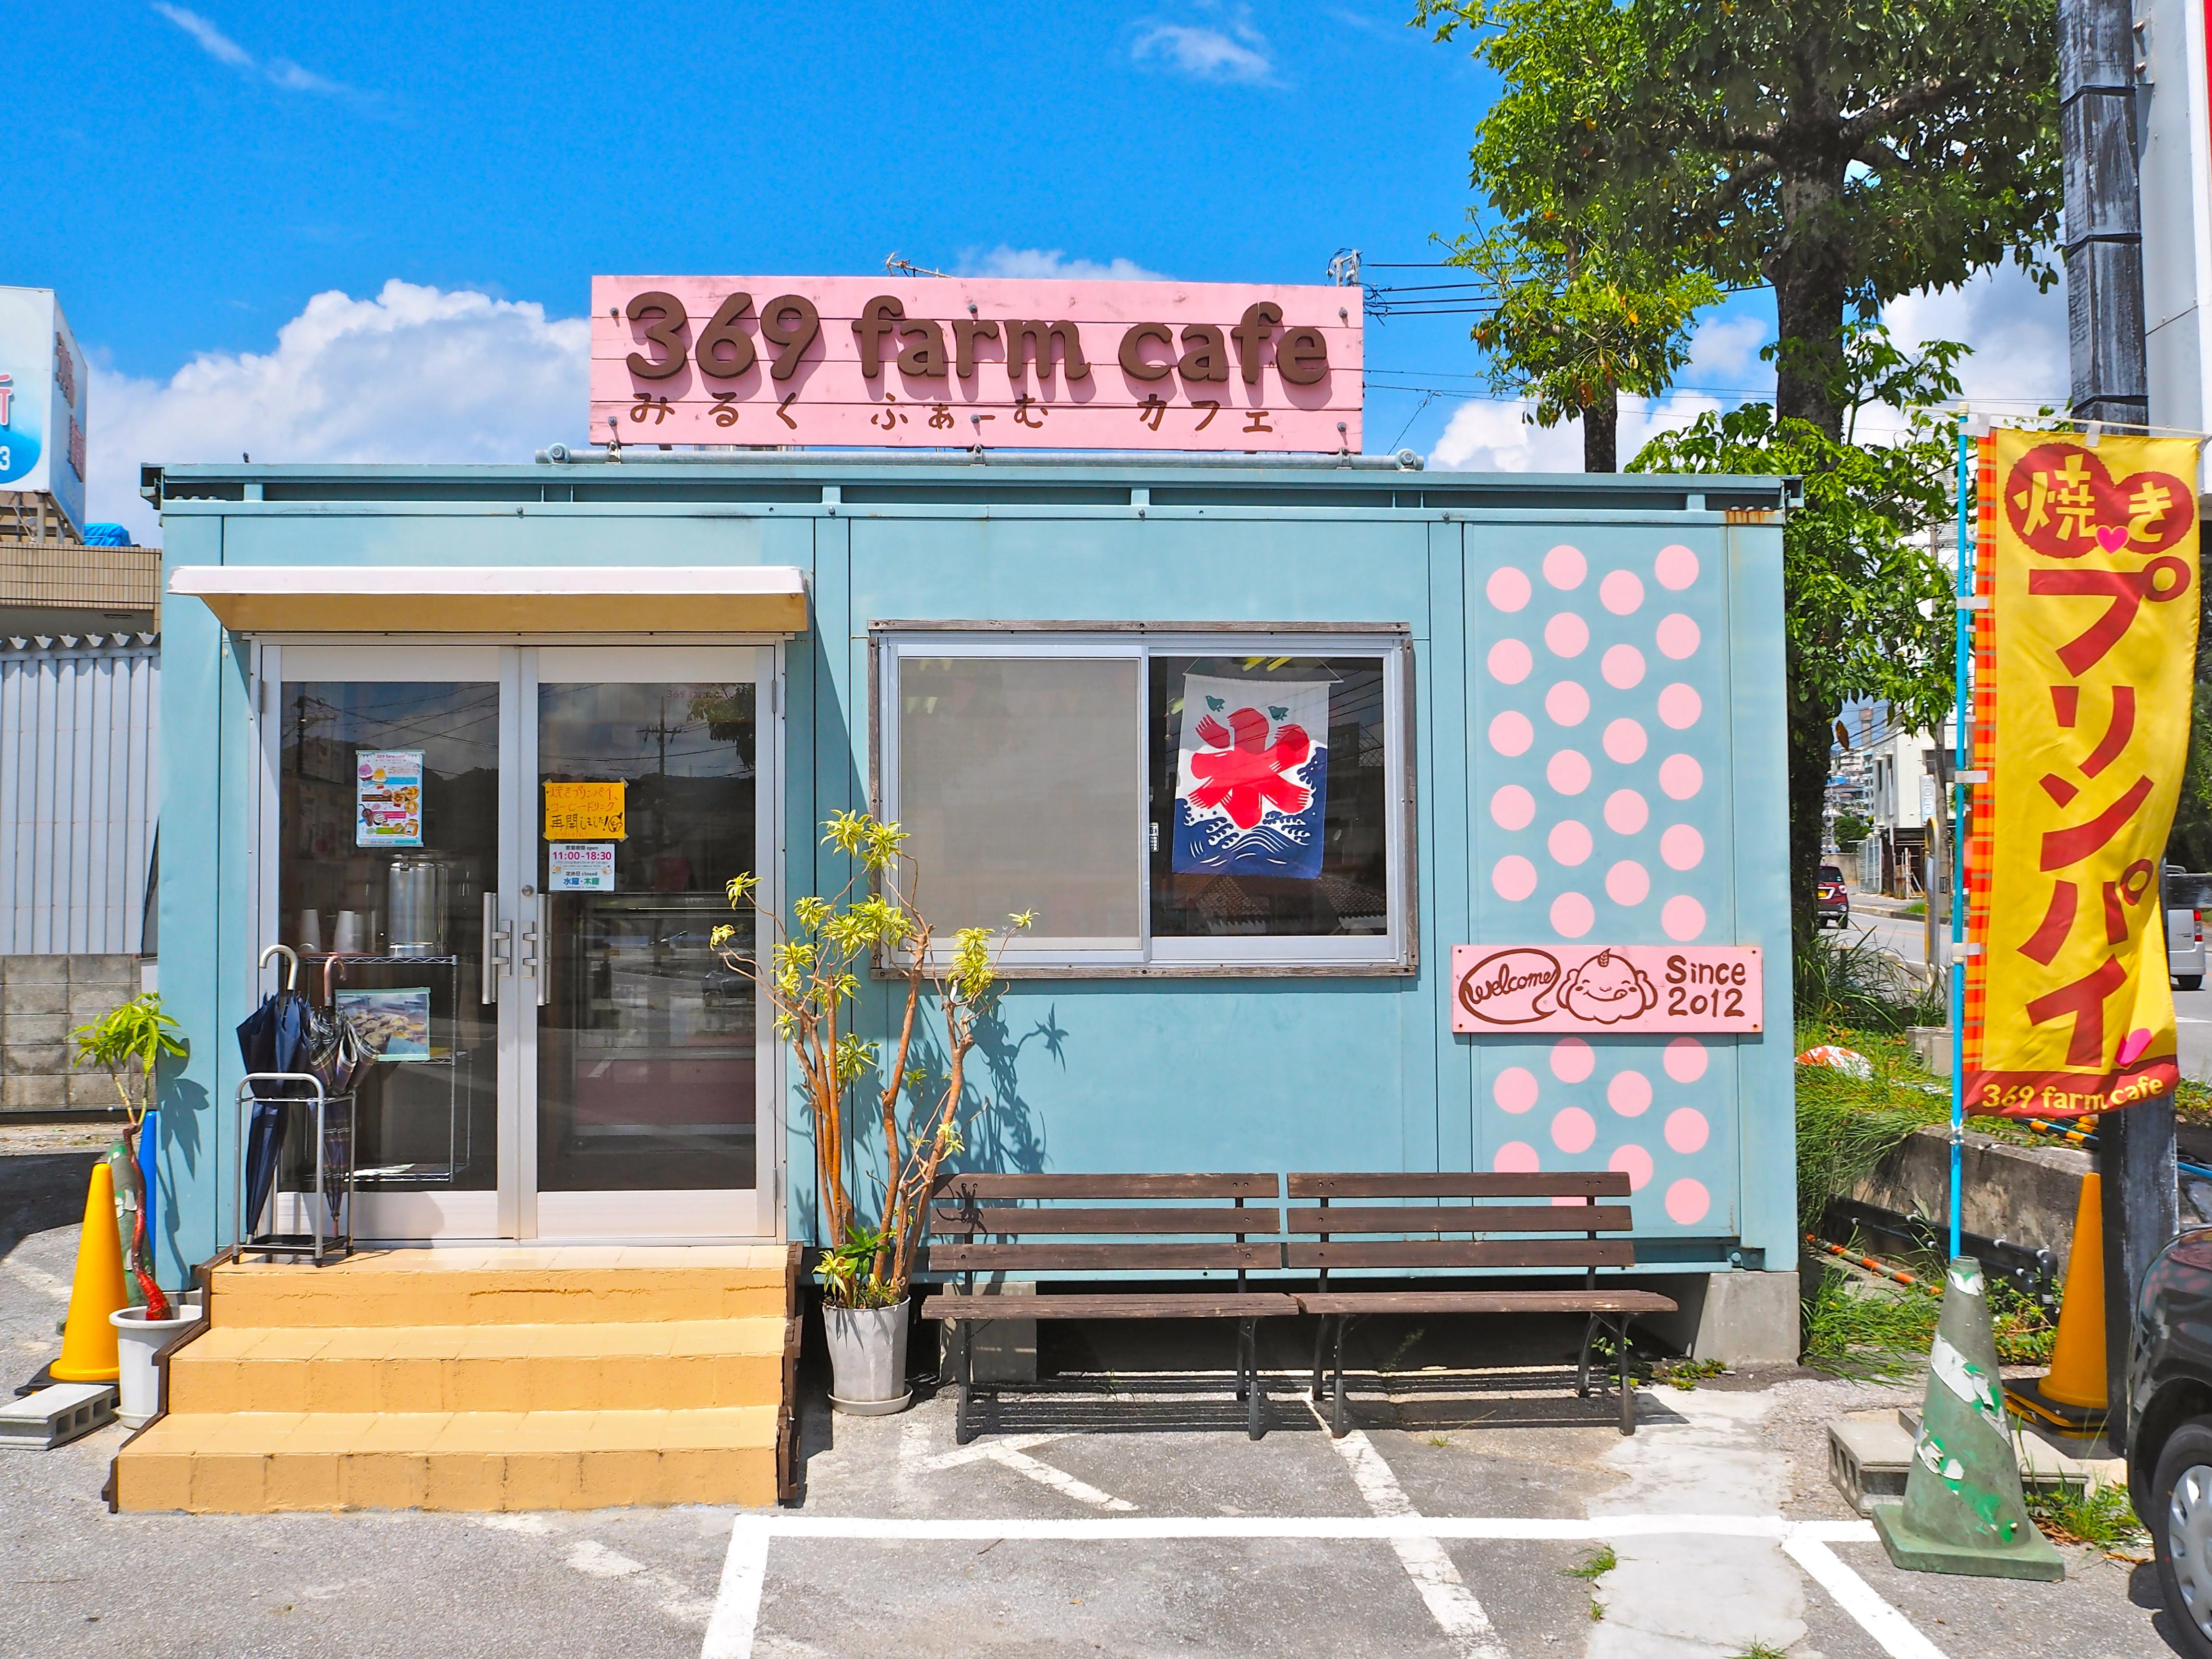 休日をhappyにするポップでかわいい『369 farm cafe』|カフェ|nagos